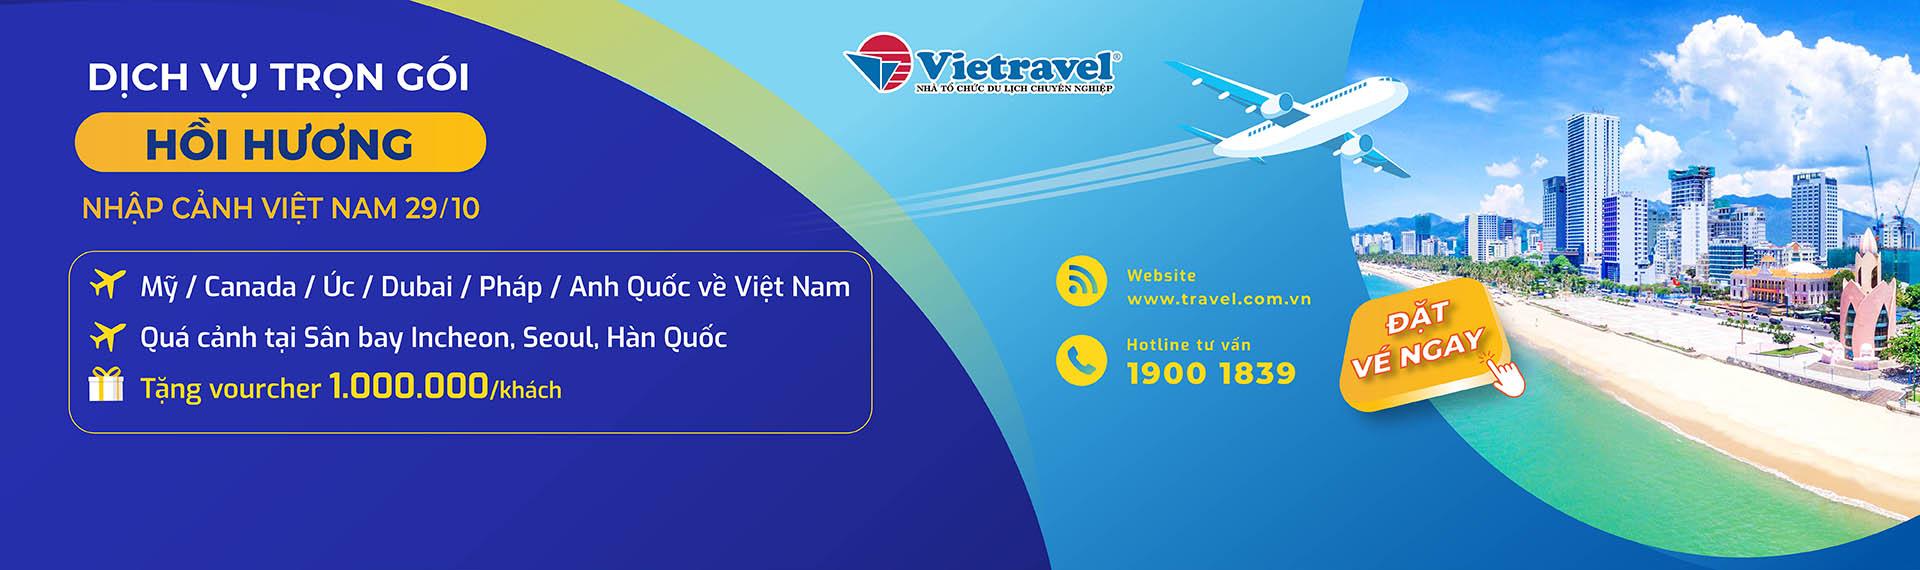 Chuyến bay thuê bao đón công dân Việt Nam hồi hương tháng 10